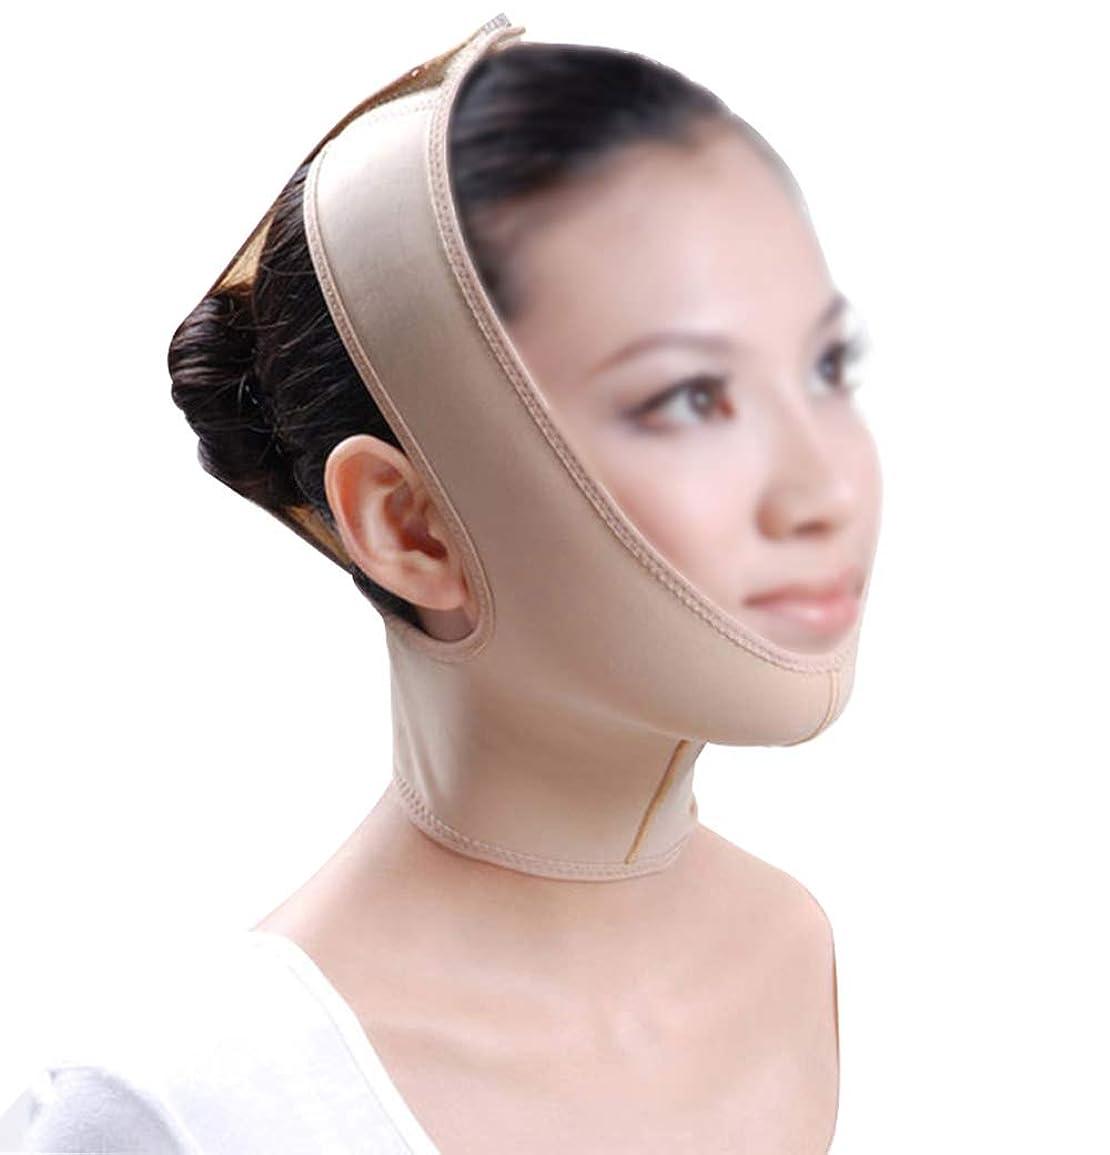 誘惑先例祝うGLJJQMY 引き締めマスクマスク強力なフェイスリフティングリハビリ弾性フェイスリフティング引き締め首あご整形リハビリチンスリーブ 顔用整形マスク (Size : XL)